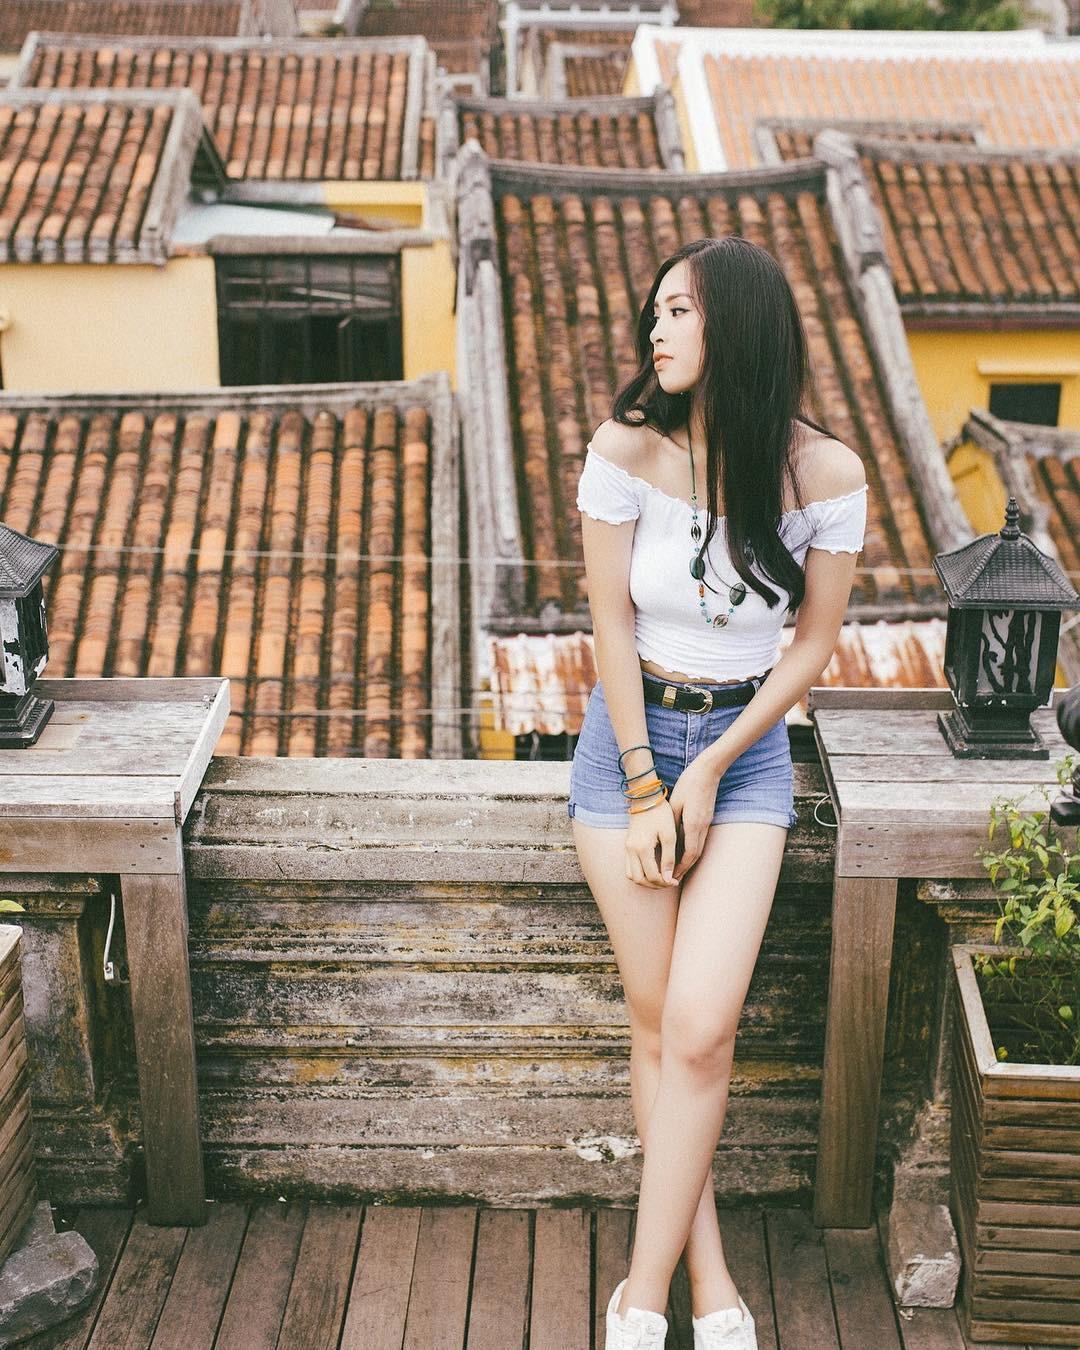 Đo độ chất chơi của 4 hoa hậu: Đỗ Mỹ Linh, Tiểu Vy có thất thế trong cuộc đua hàng hiệu với Minh Tú và Phương Khánh? - Ảnh 10.